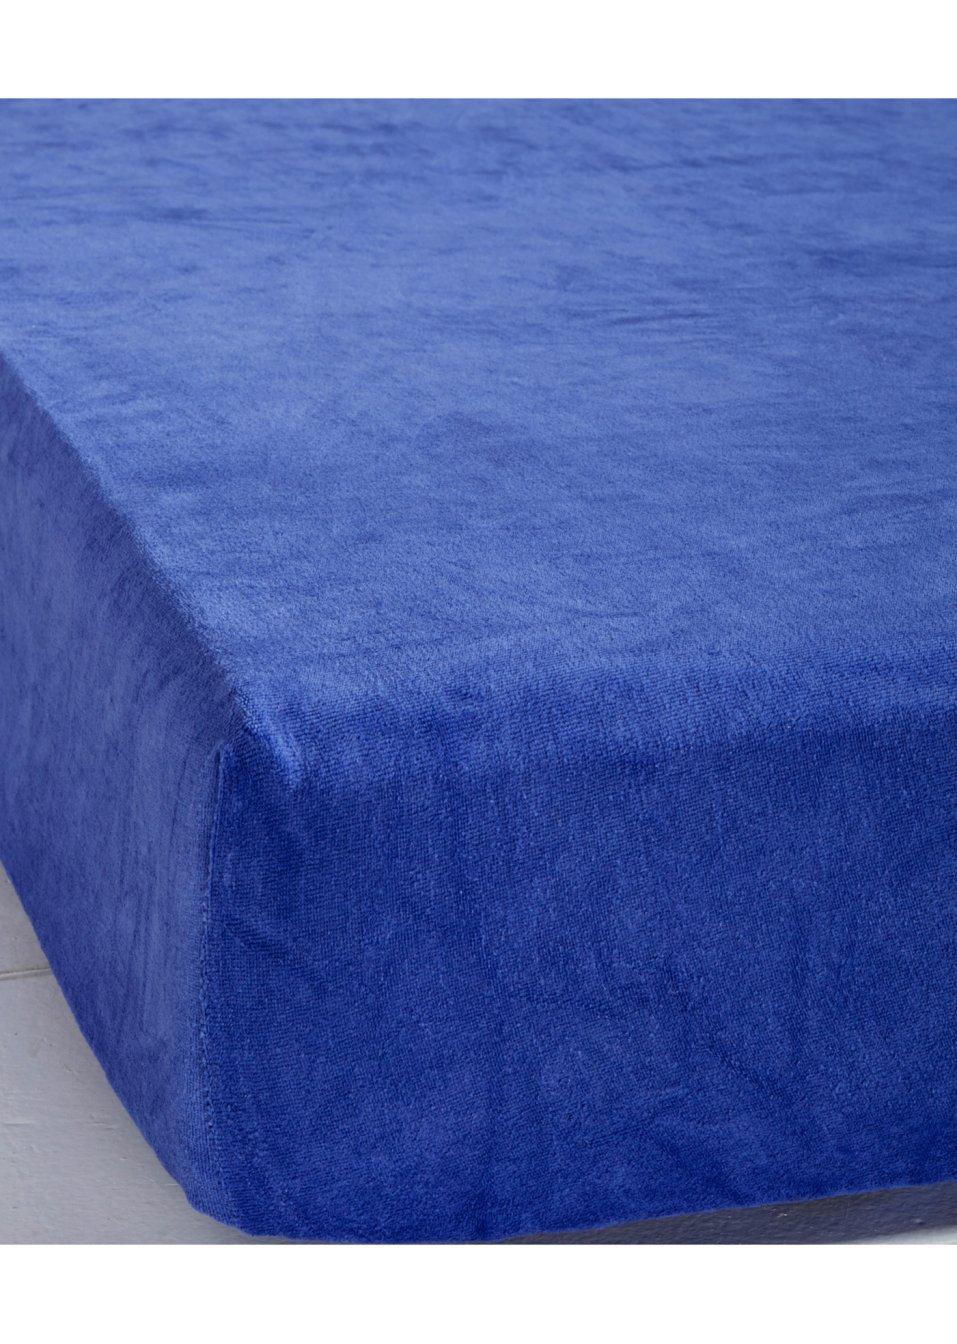 f r erholsamen schlafkomfort spannbettlaken nicki blau. Black Bedroom Furniture Sets. Home Design Ideas